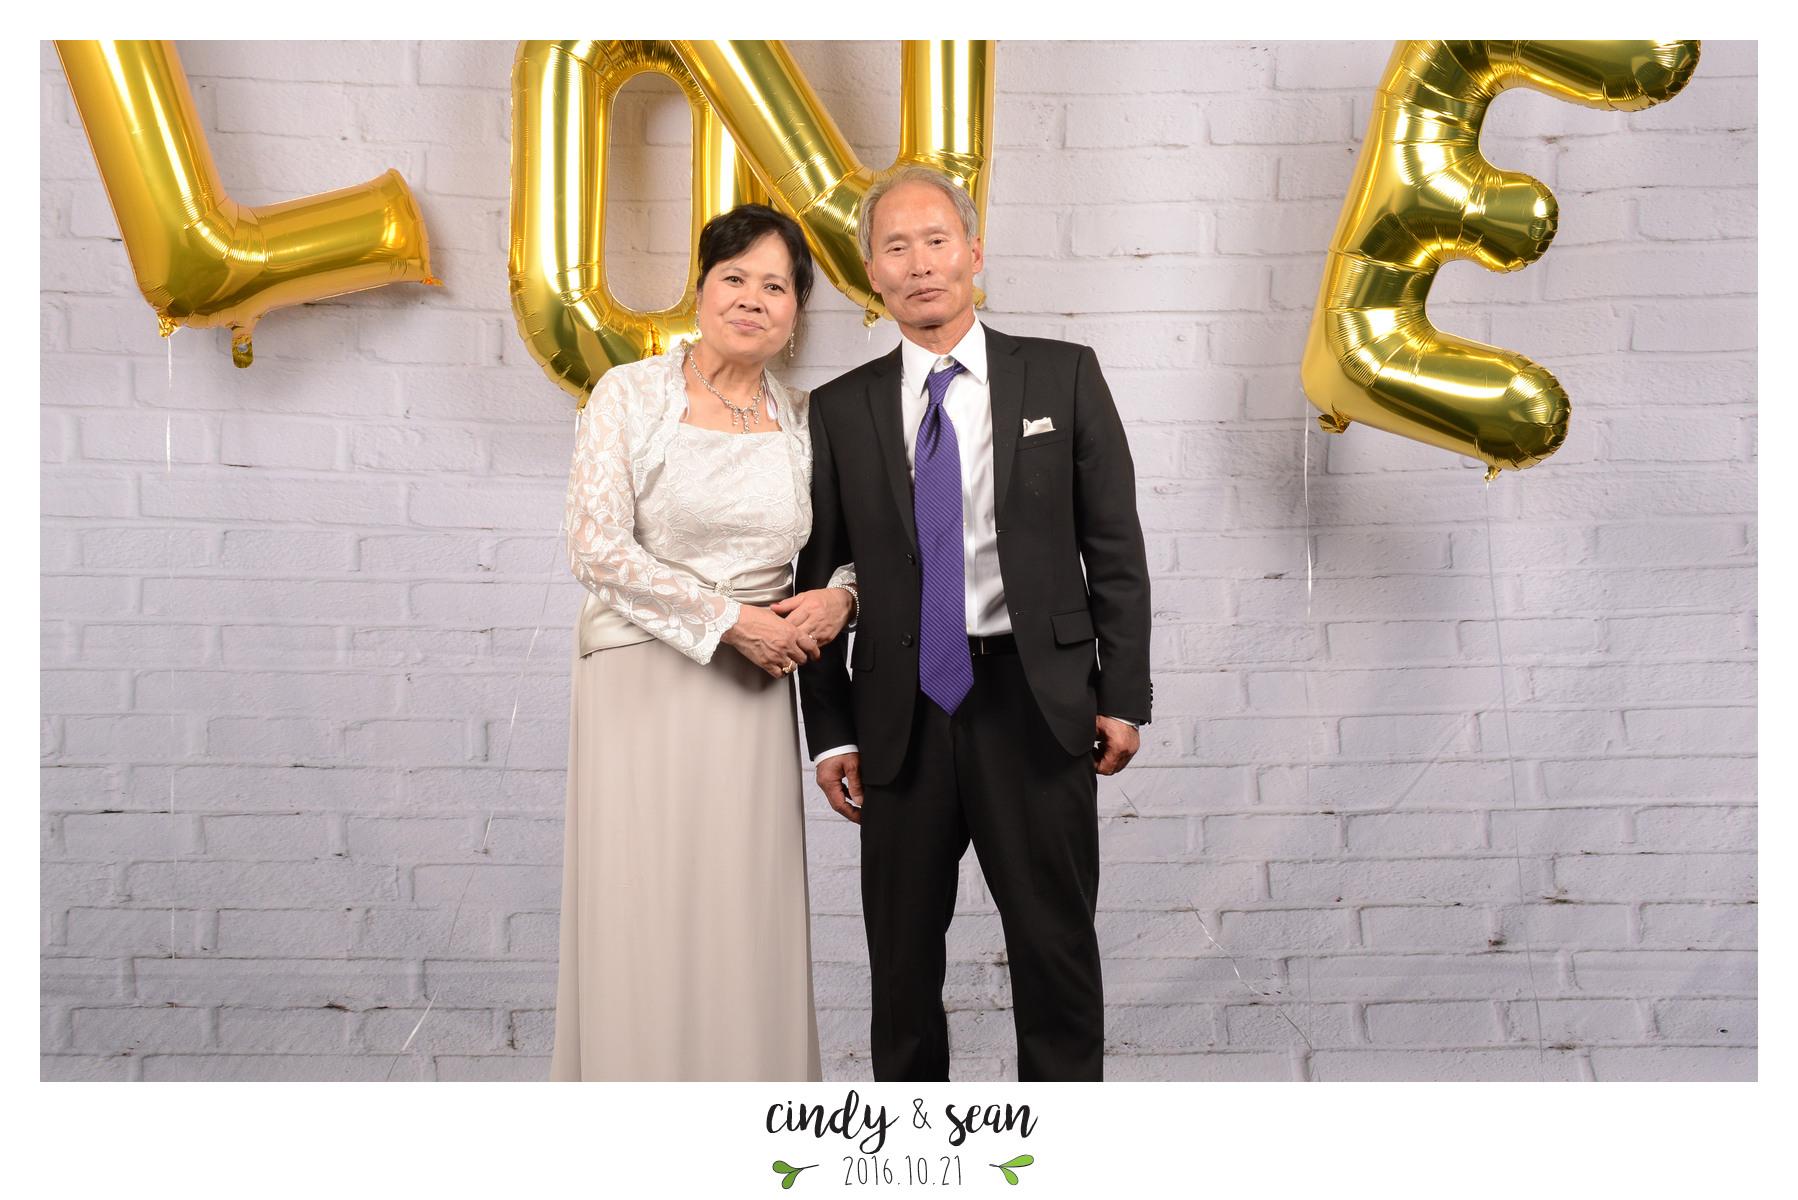 Cindy Sean Bae - 0001-108.jpg